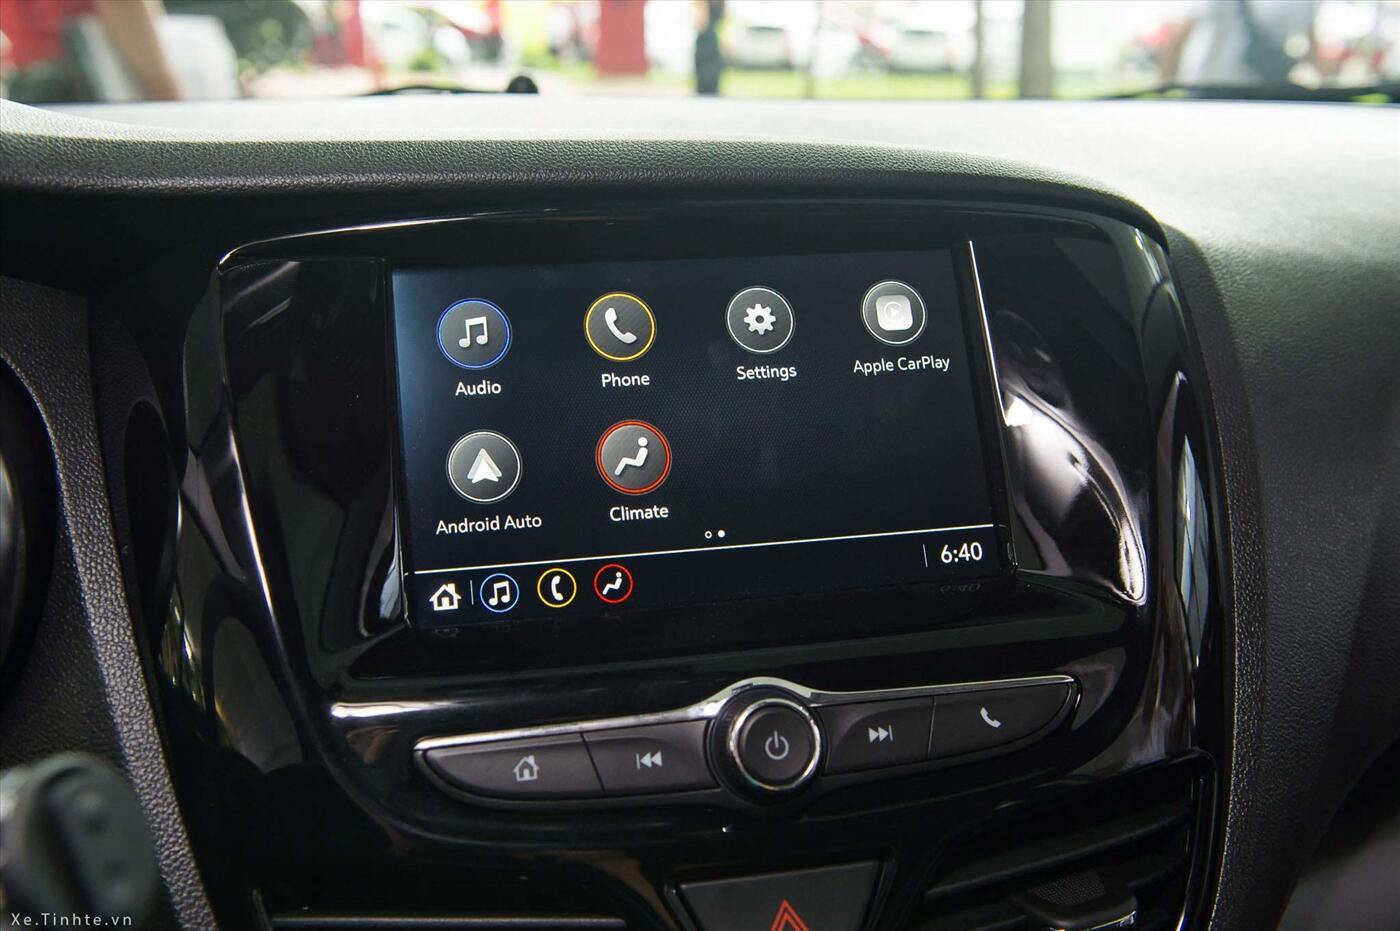 VinFast Fadil Hatchback 1.4L AT Phiên Bản Tiêu Chuẩn (Máy xăng) - Hình 19